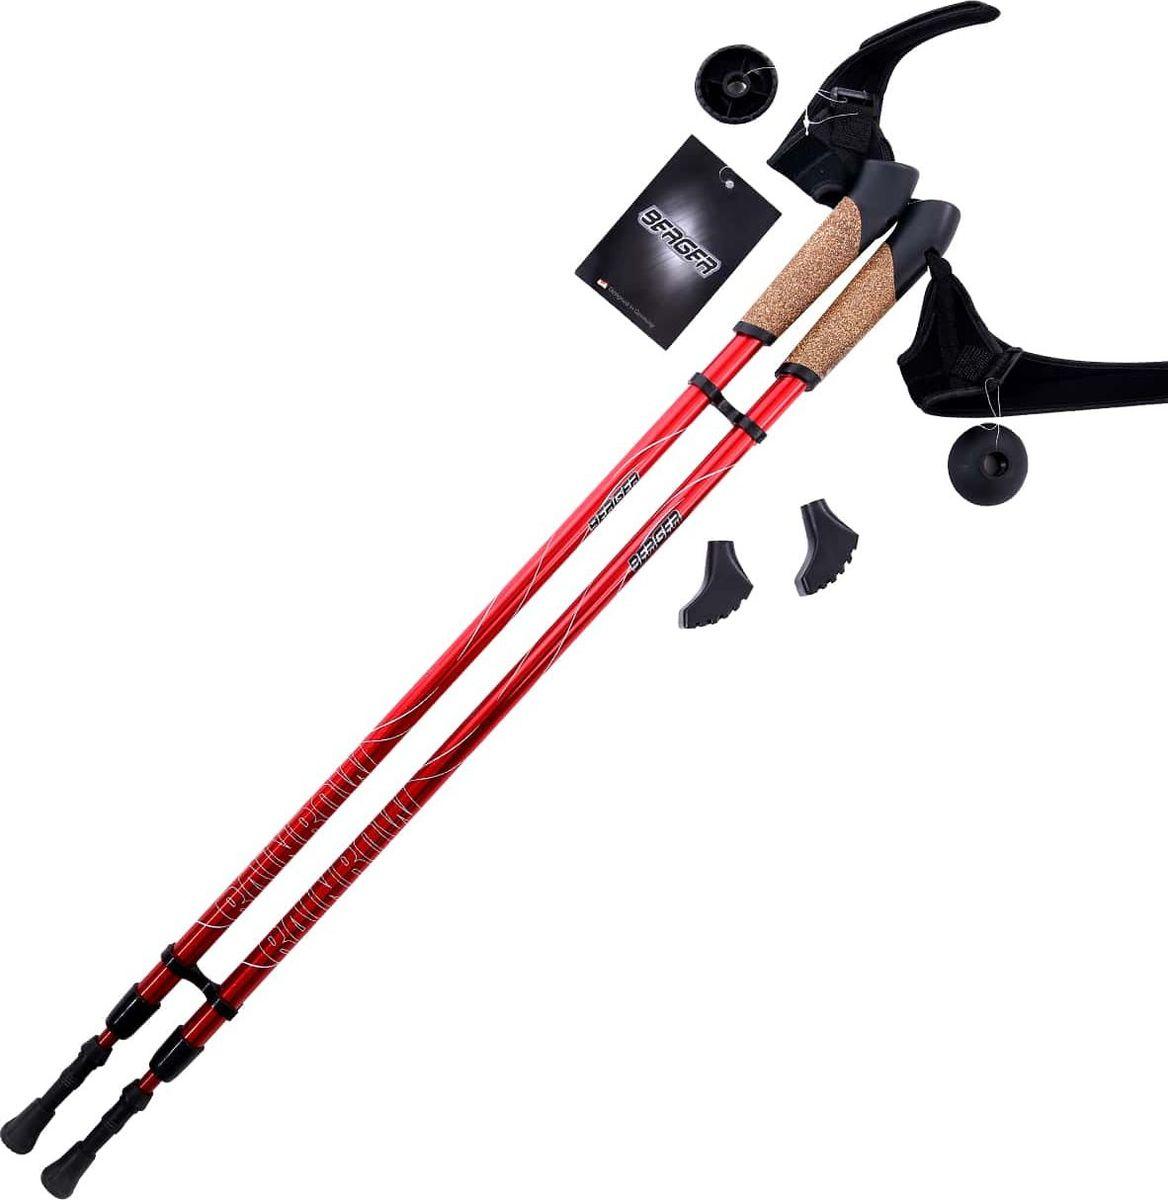 Палки для скандинавской ходьбы Berger  Rainbow , двухсекционные, цвет: красный, 86-140 см - Скандинавская ходьба